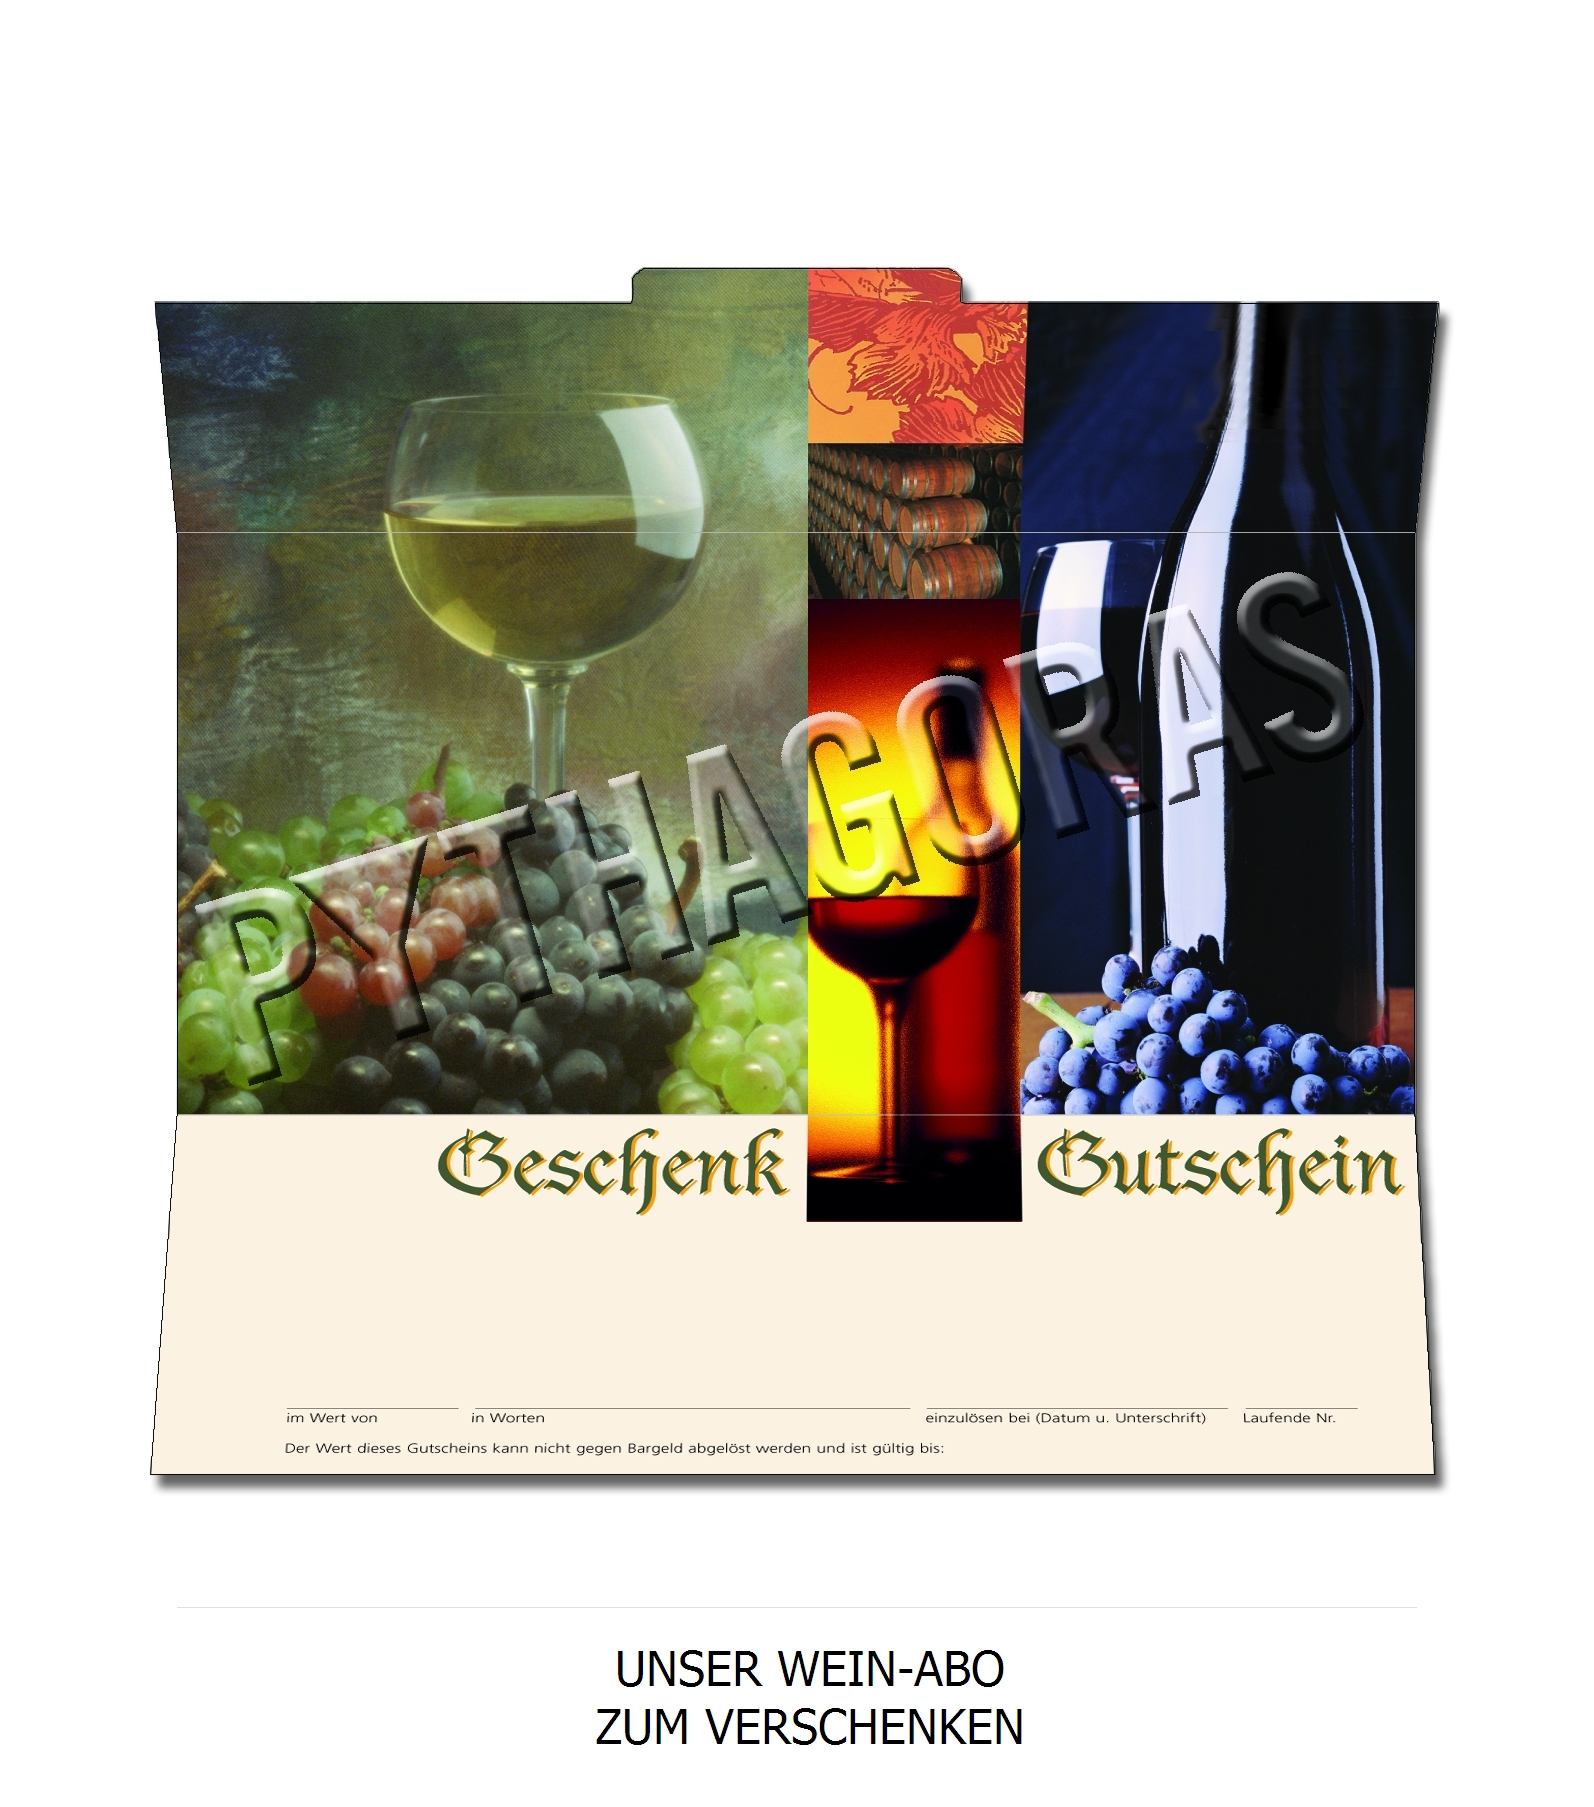 Wein-Abo II für 6 Monate